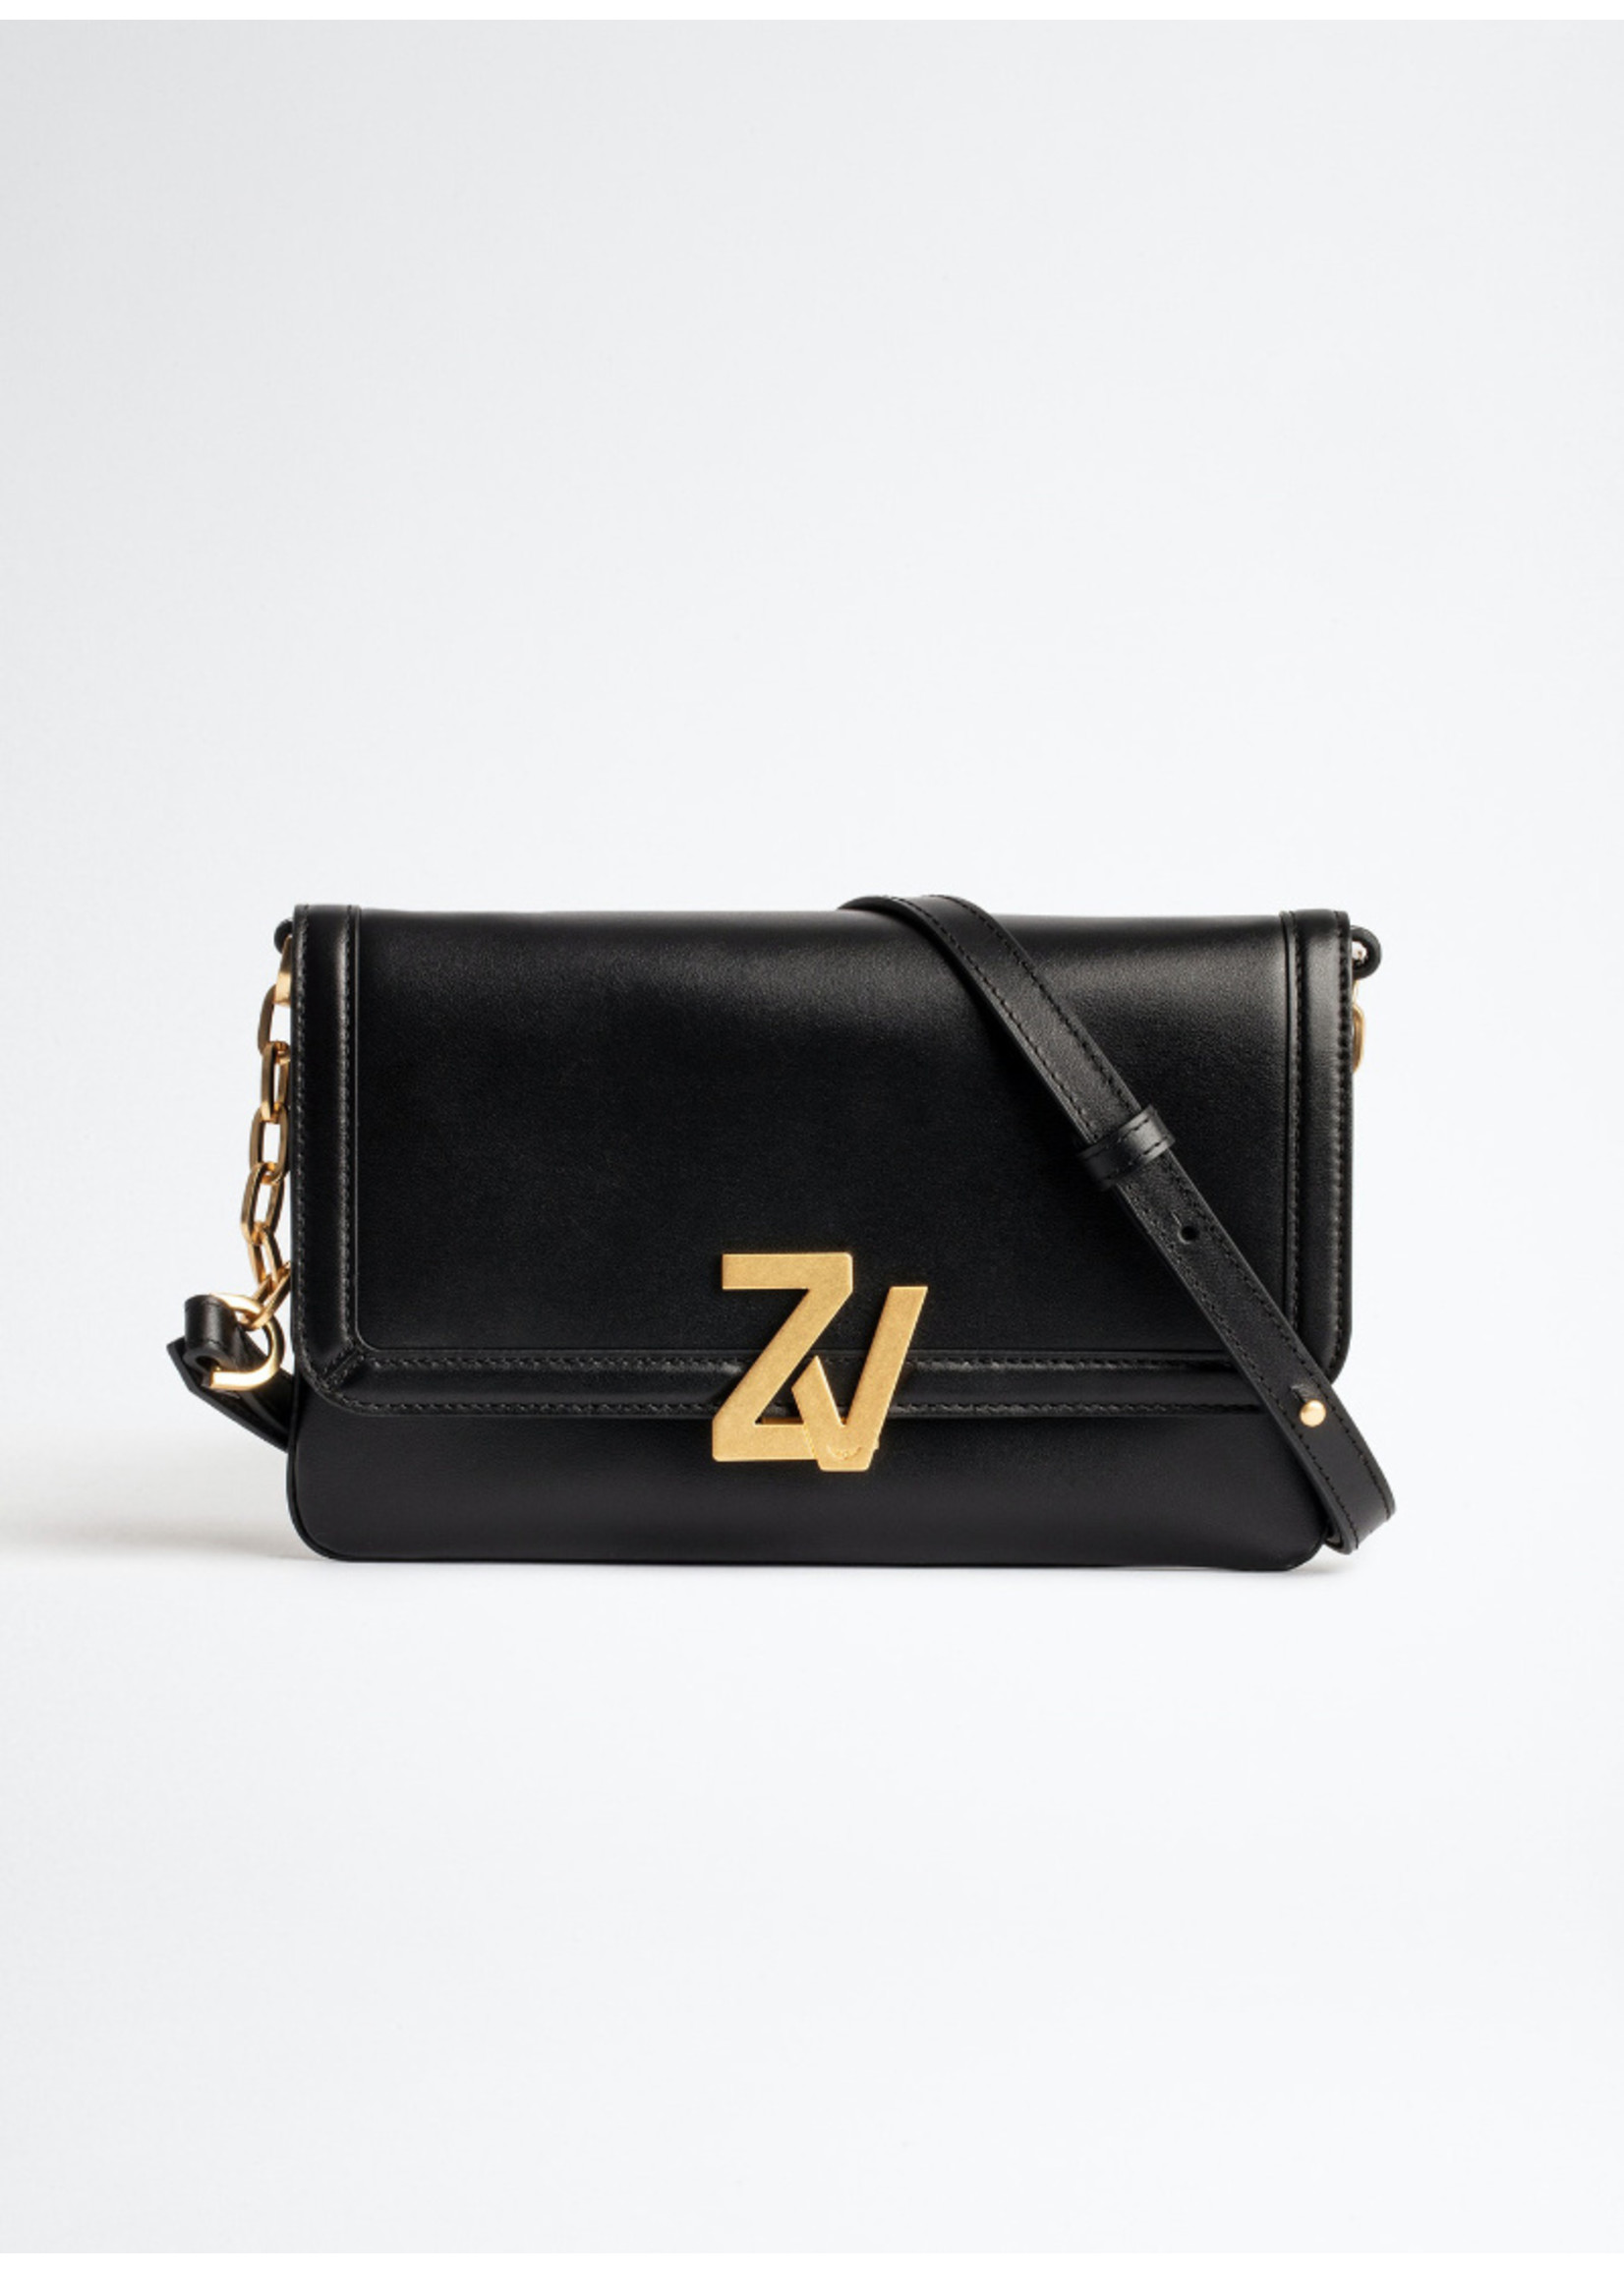 Zadig & Voltaire ZV initiale clutch black